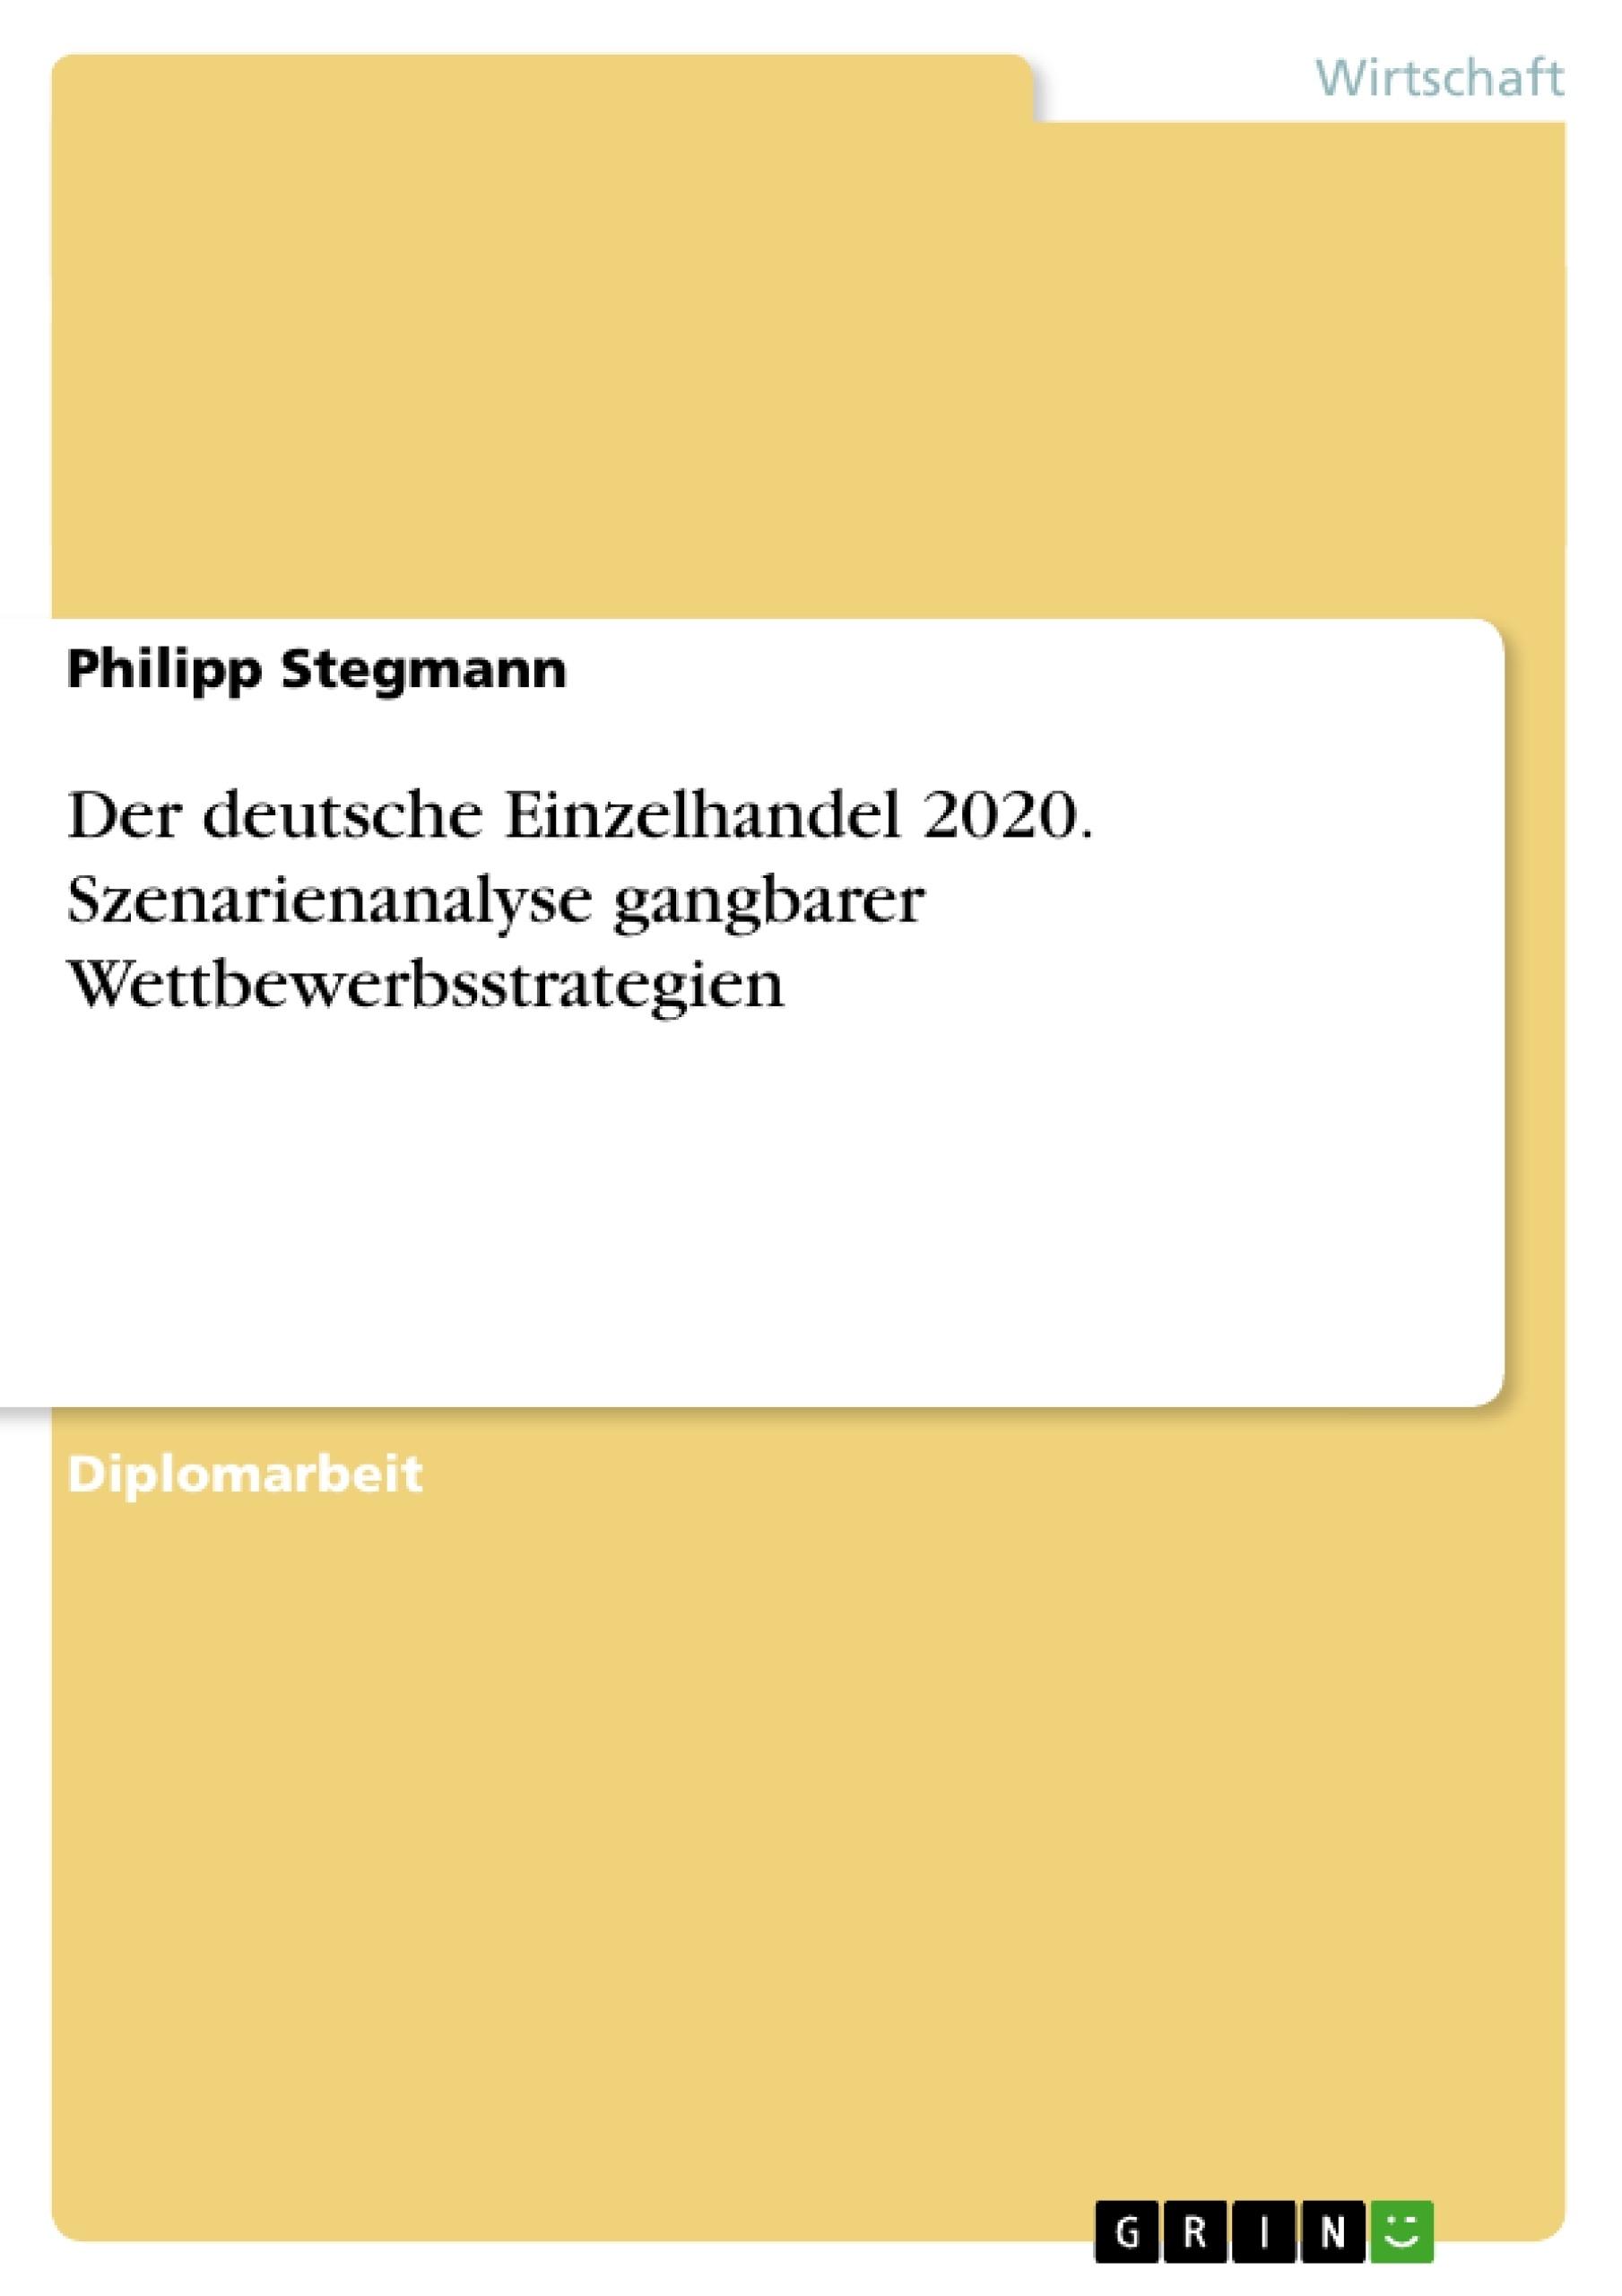 Titel: Der deutsche Einzelhandel 2020. Szenarienanalyse gangbarer Wettbewerbsstrategien